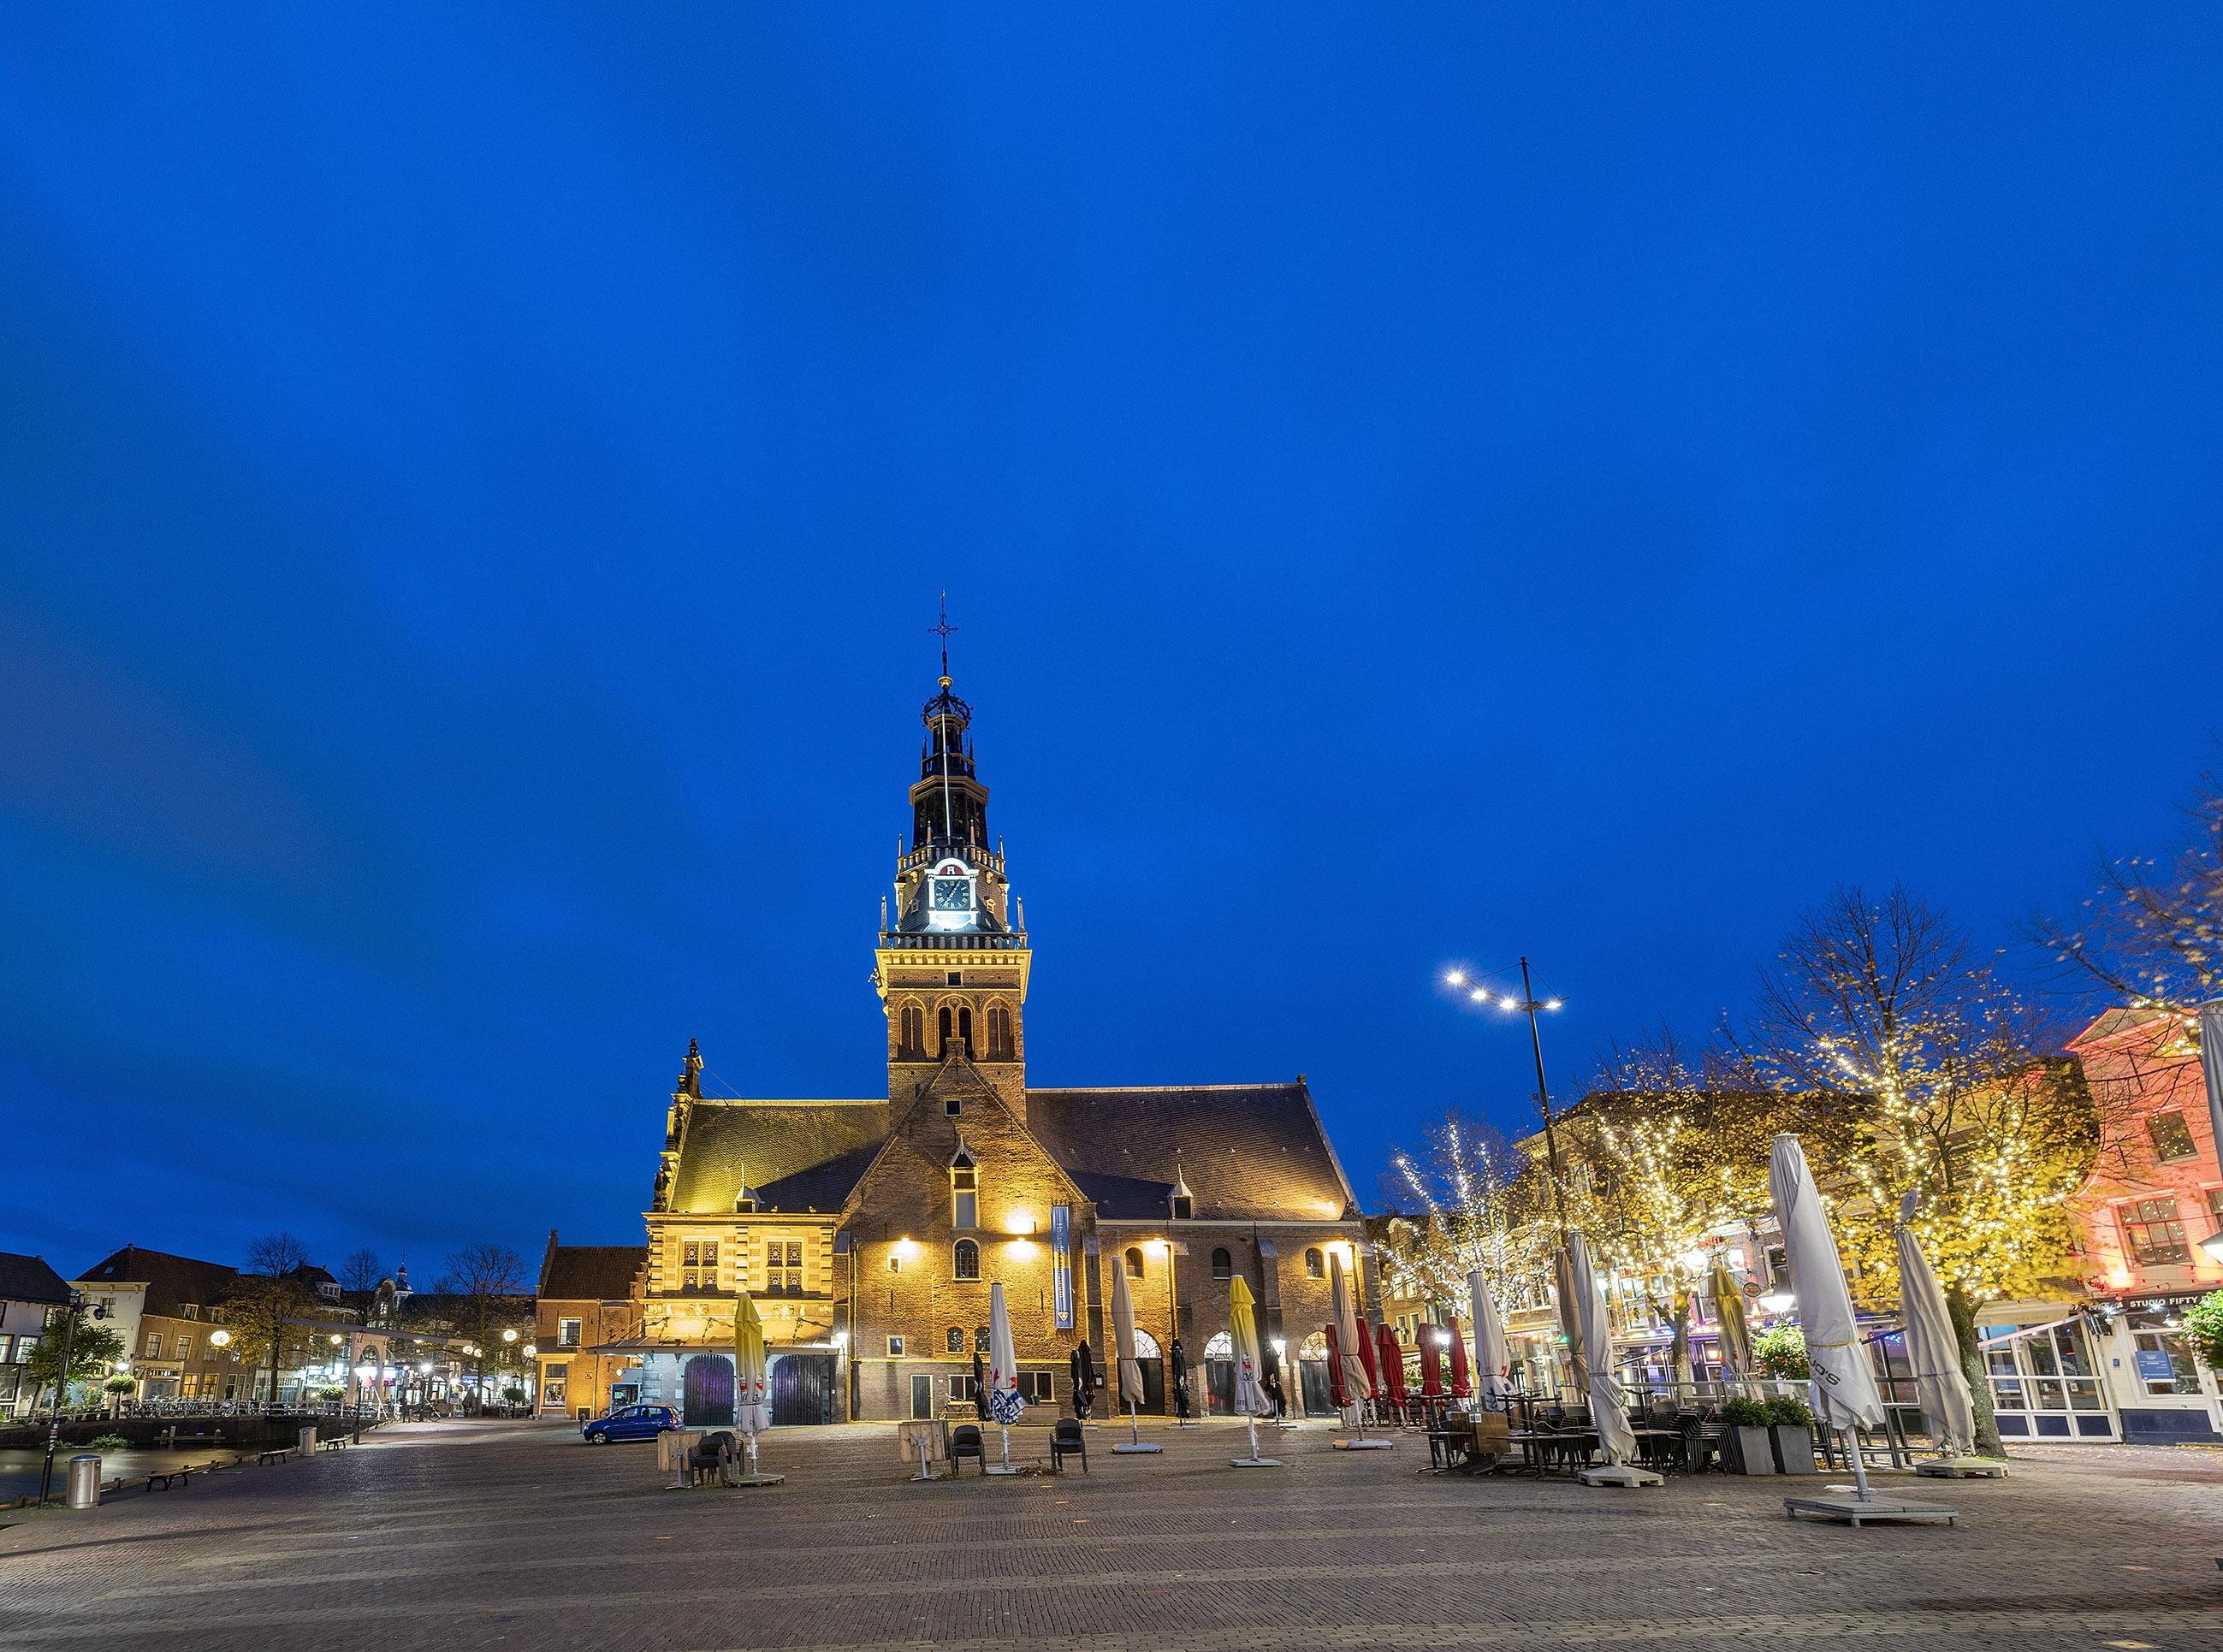 Alkmaar op zaterdagavond: het is stil in de stad, doodstil